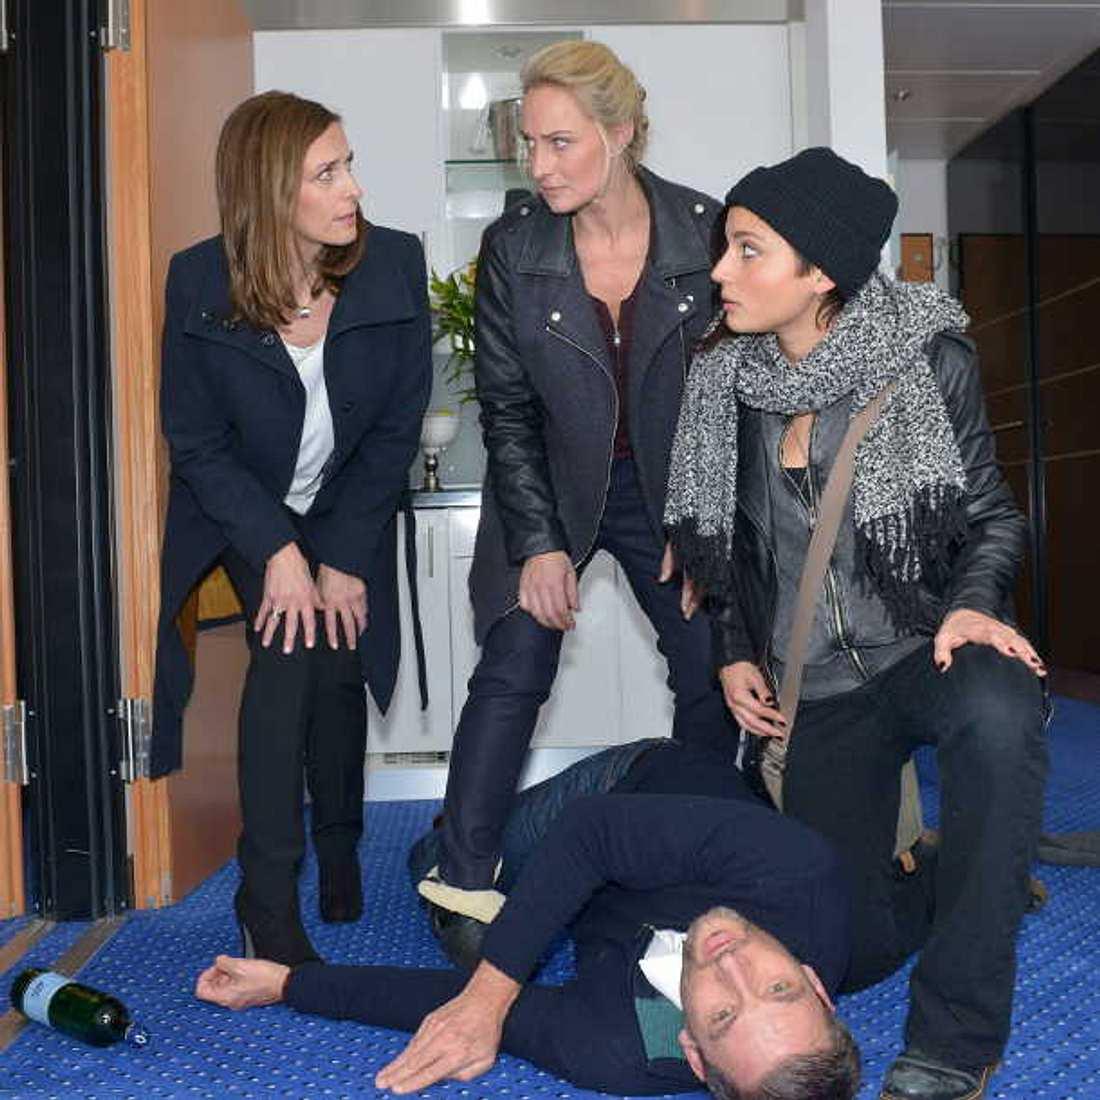 GZSZ-Mord: Verscharren Katrin, Anni und Maren die Leiche von Frederic heimlich bei Nacht und Nebel?